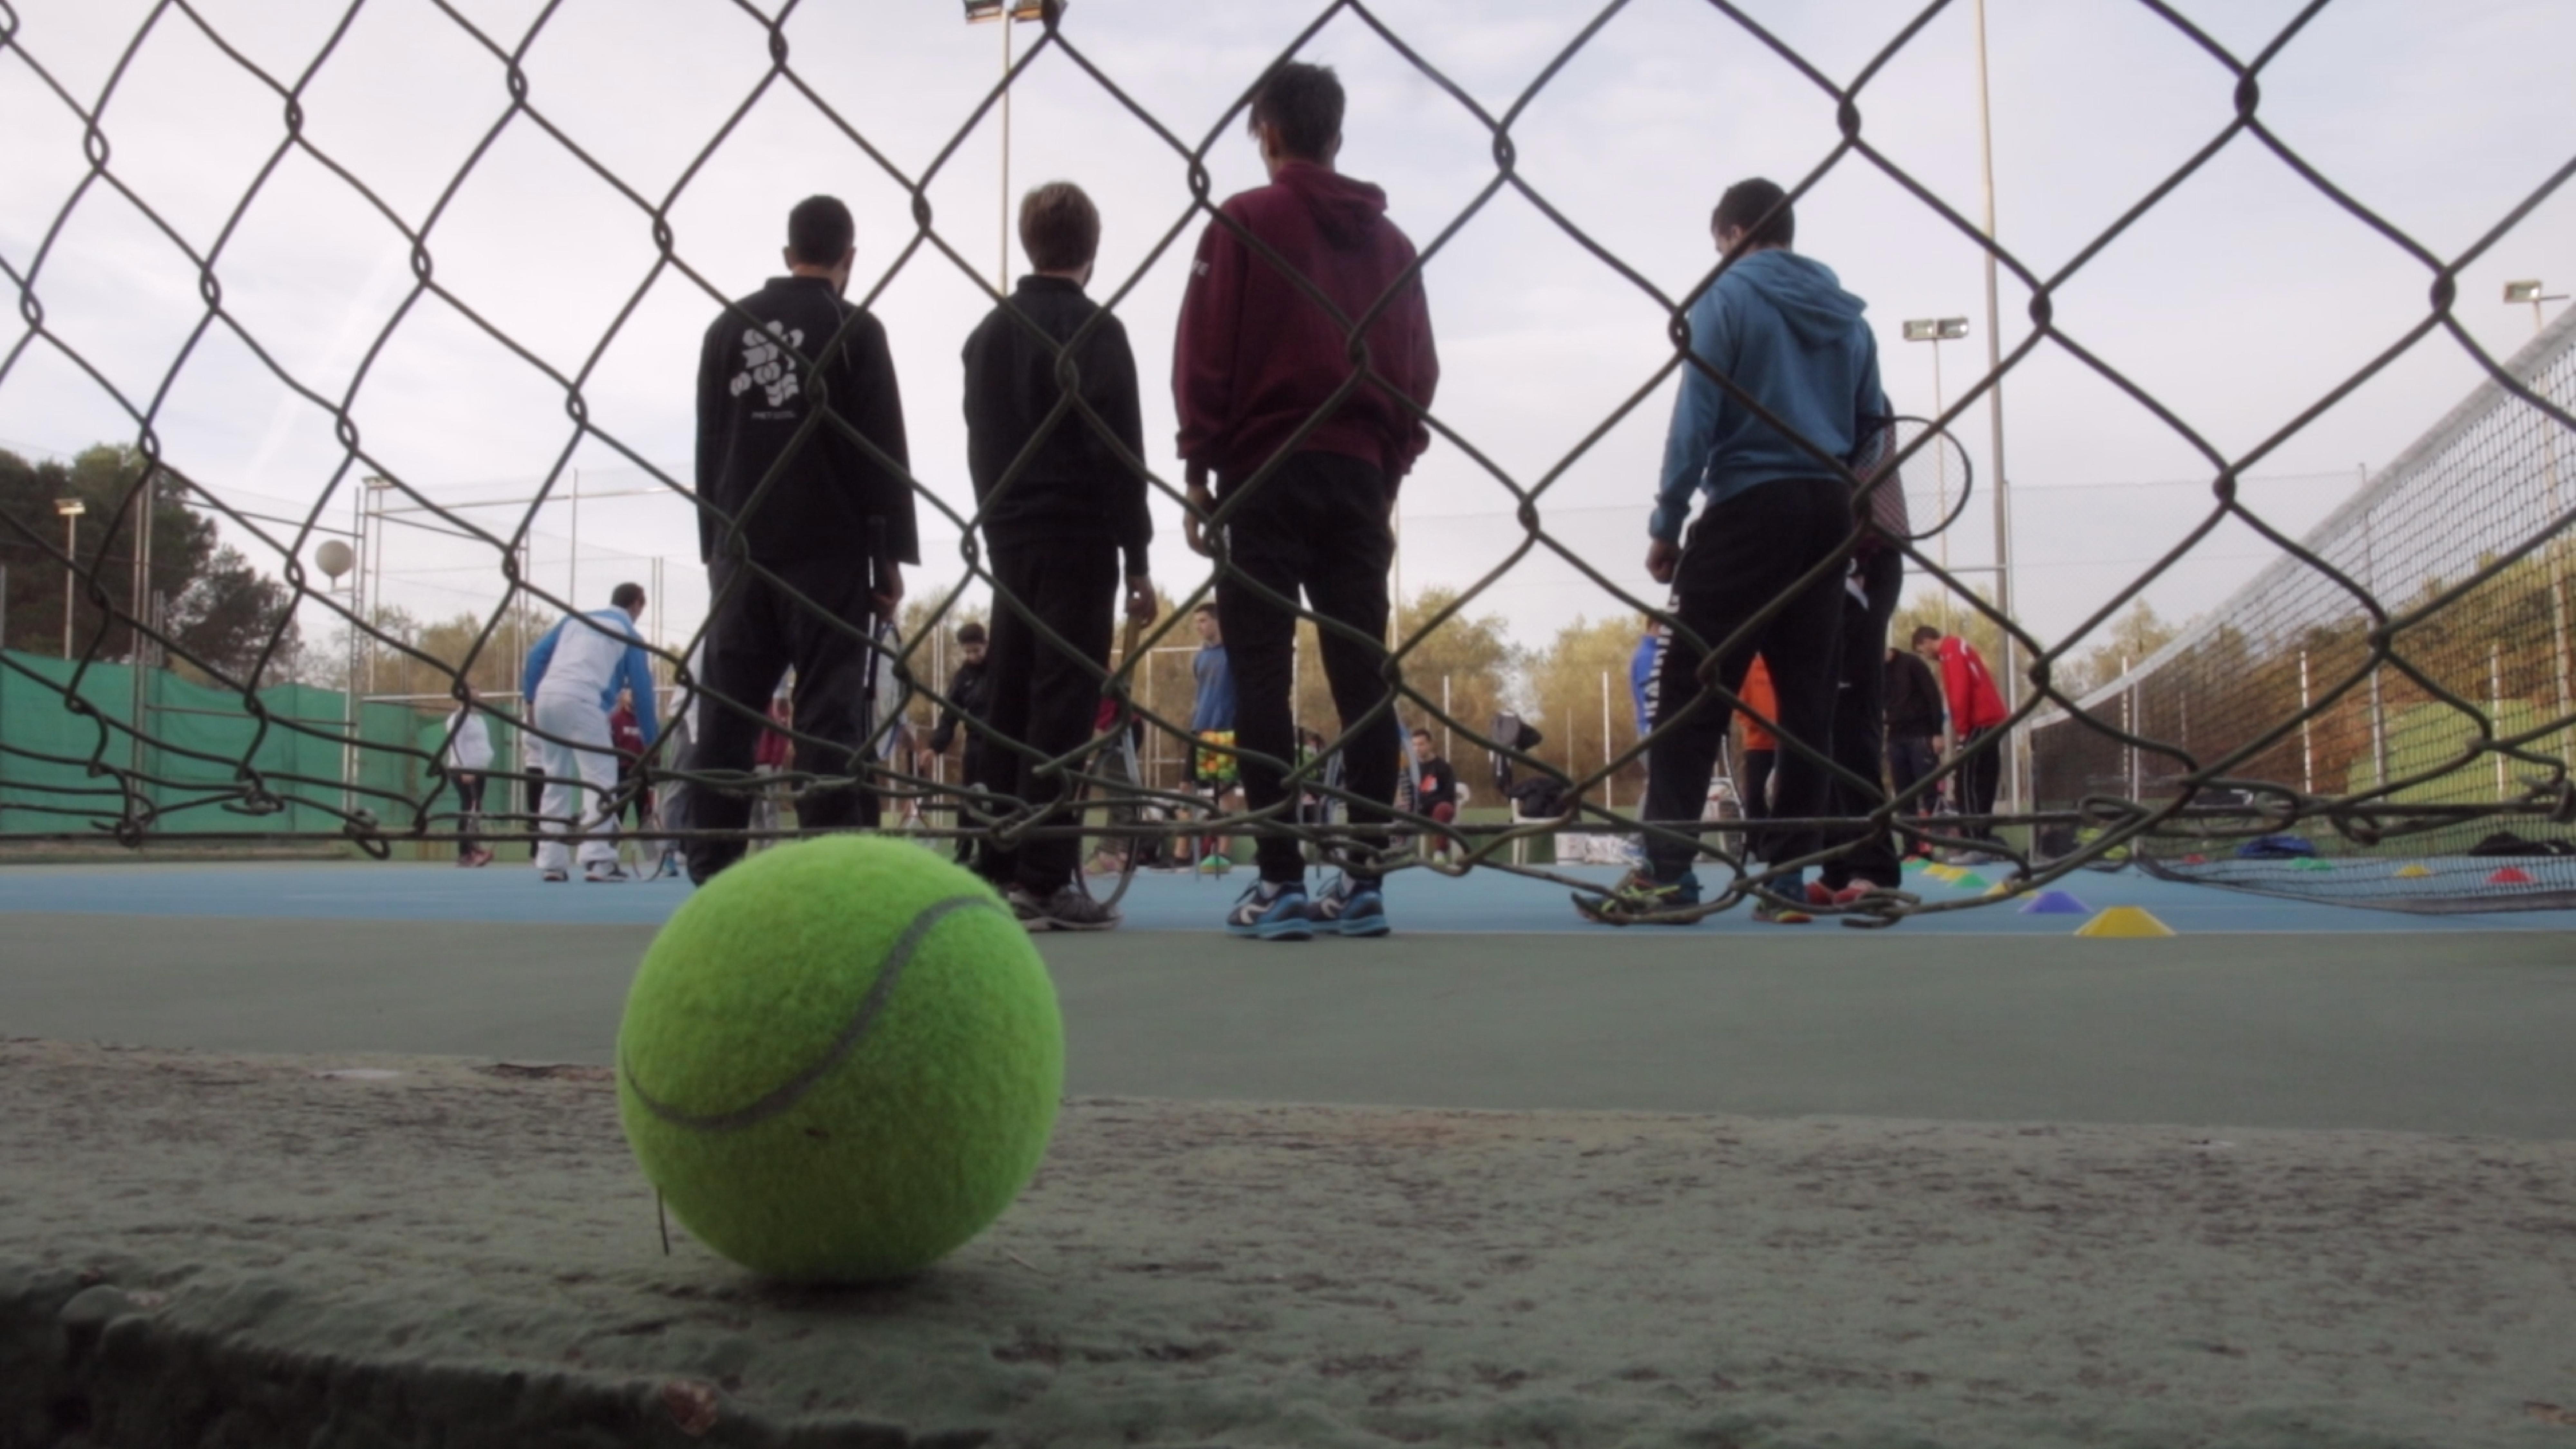 Una formació teòrica i pràctica d'alt nivell en tots els àmbits de l'activitat física i de l'esport? Estudia el Grau en Ciències de l'Activitat Física i l'Esport a EUSES Terres de l'Ebre